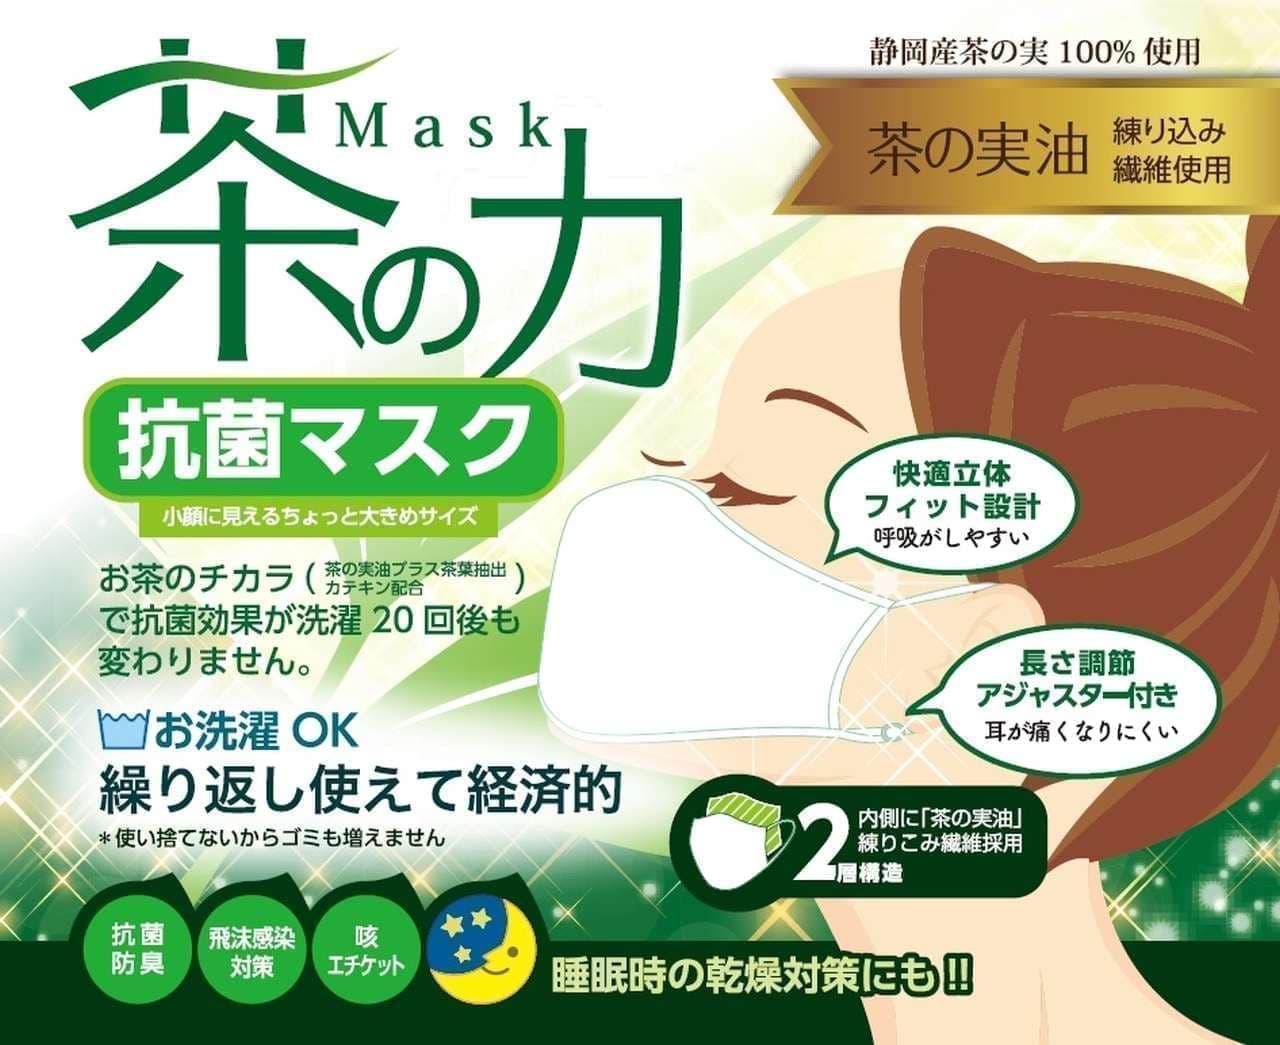 静岡県産茶の実で作った抗菌マスク「茶の力」―靴下屋さんが作った新マスクブランド「SUNAYAMASK」からの第一弾商品